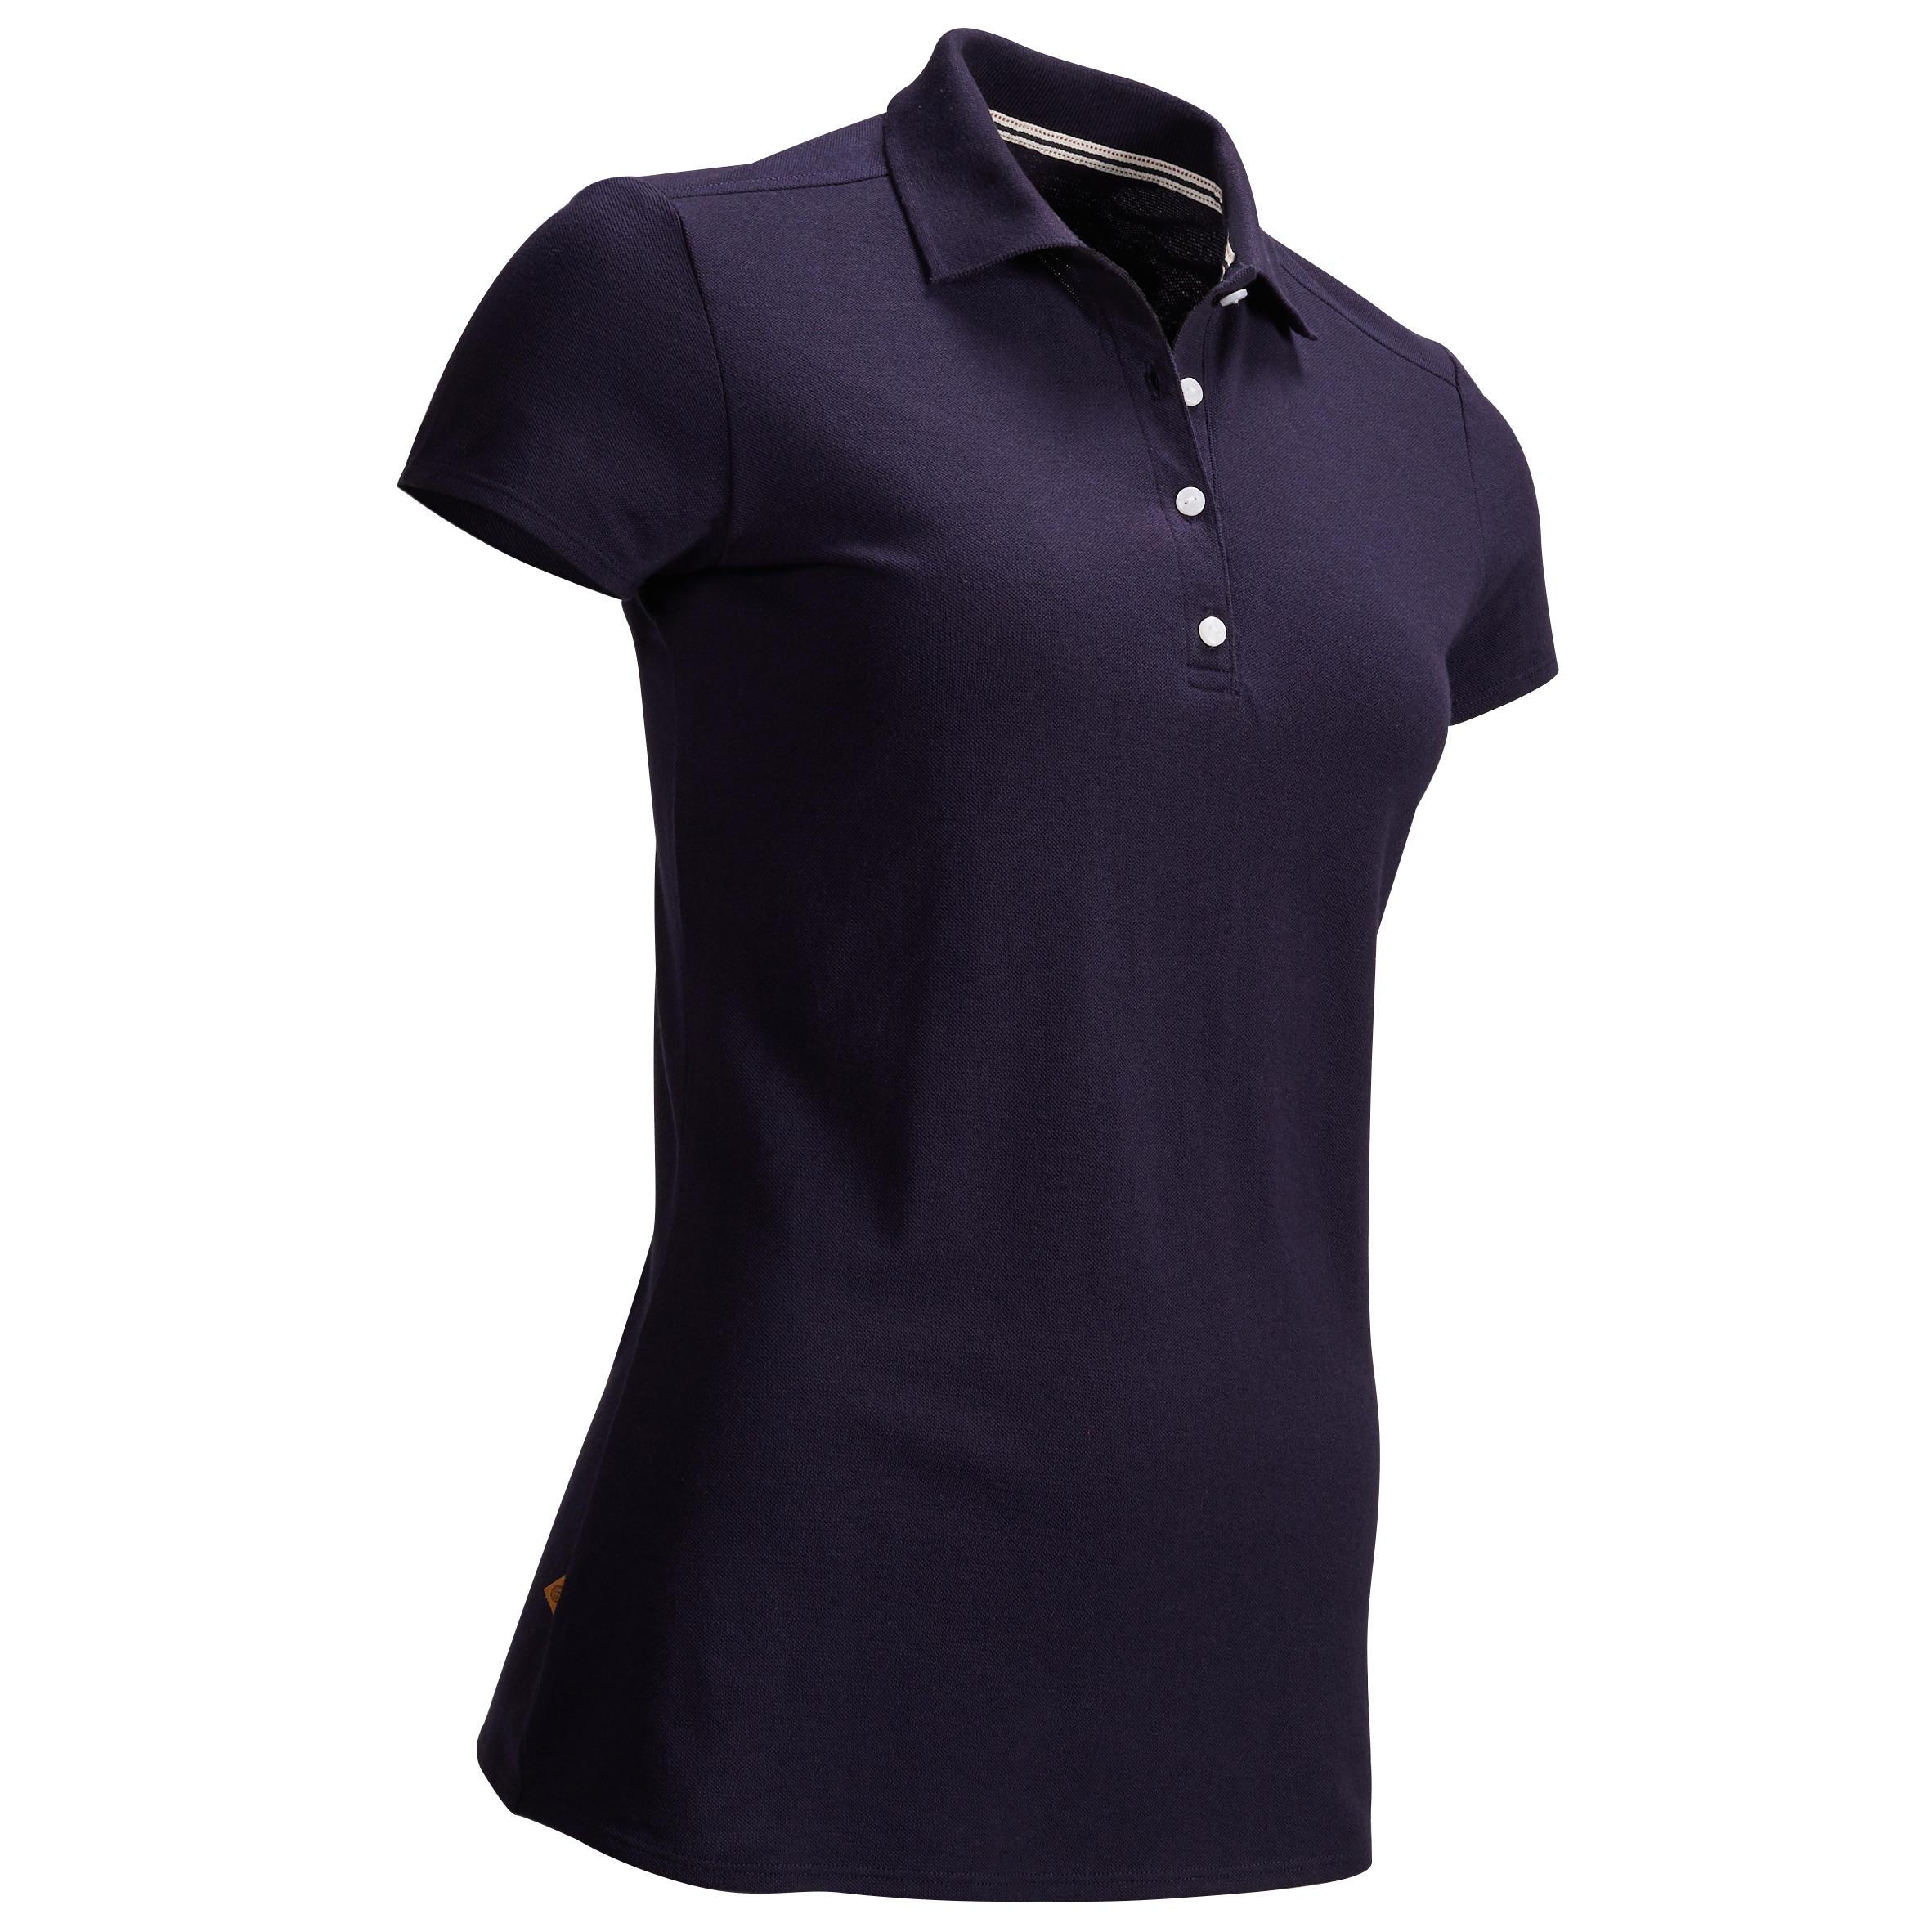 Inesis Golfpolo voor dames korte mouwen zacht weer kopen? Leest dit eerst: Golfkleding Golfpolo's met korting